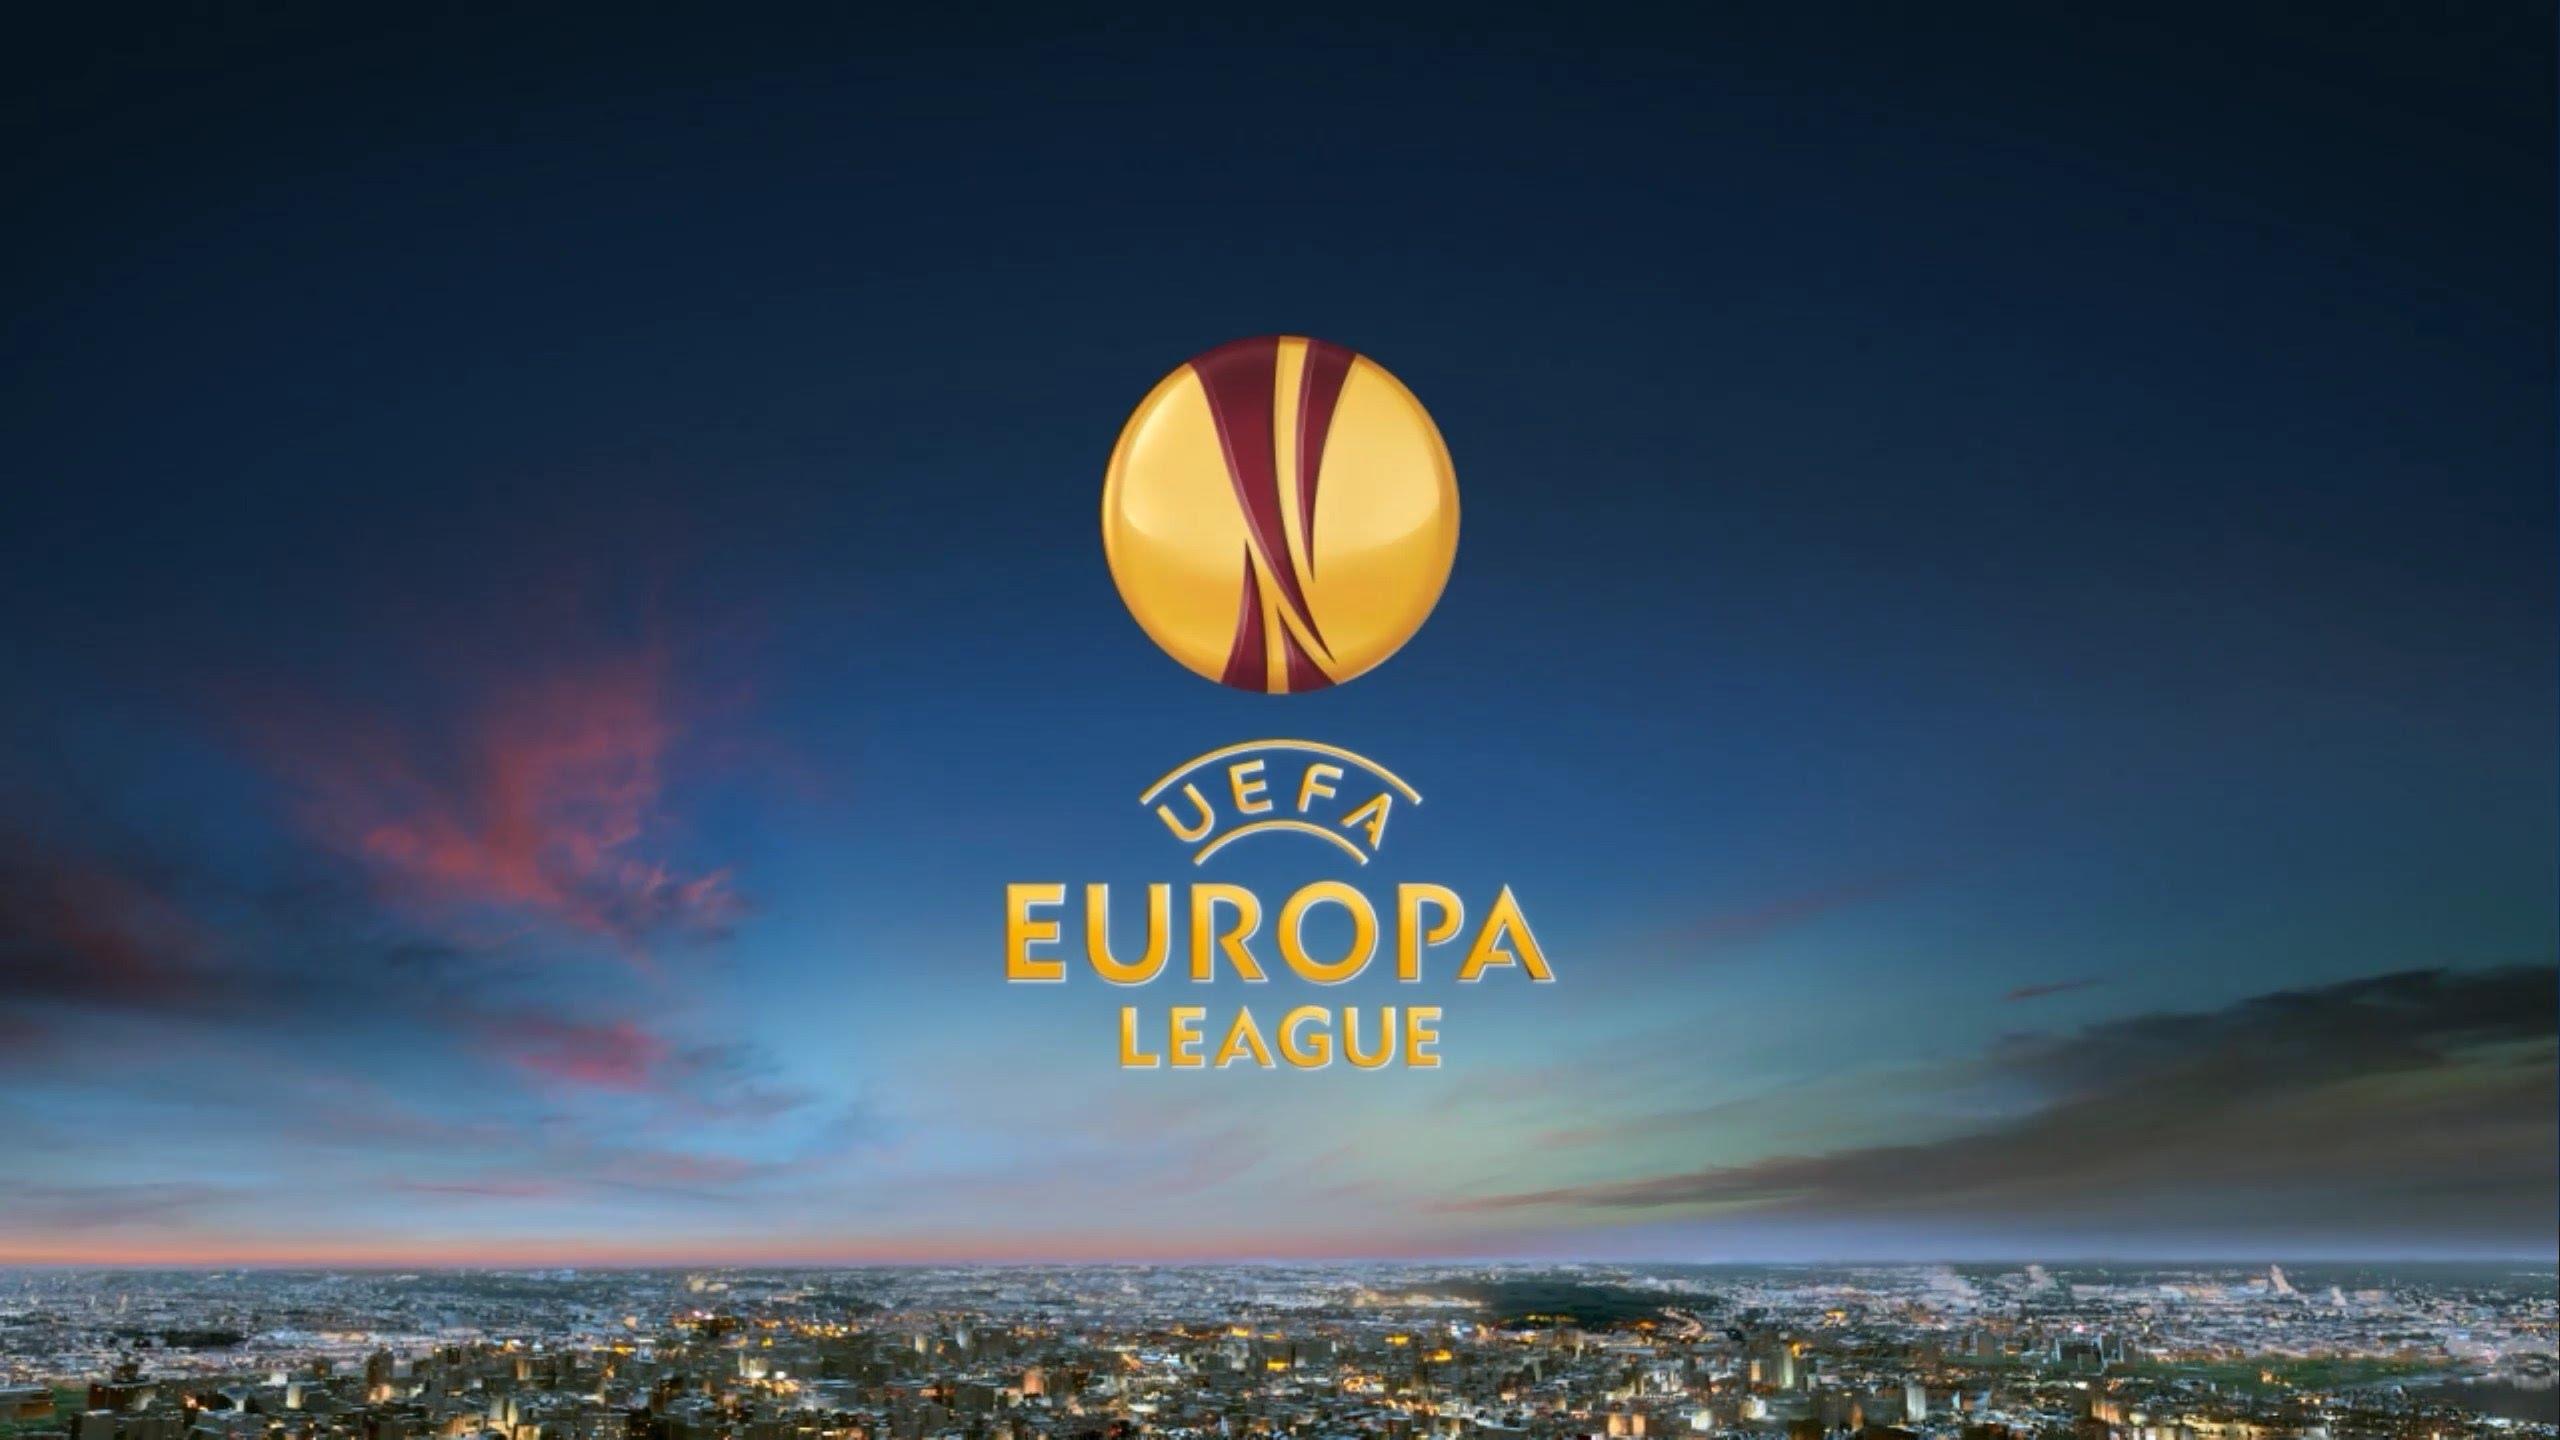 Cracovia Shkendija Live Stream Tv Live Match